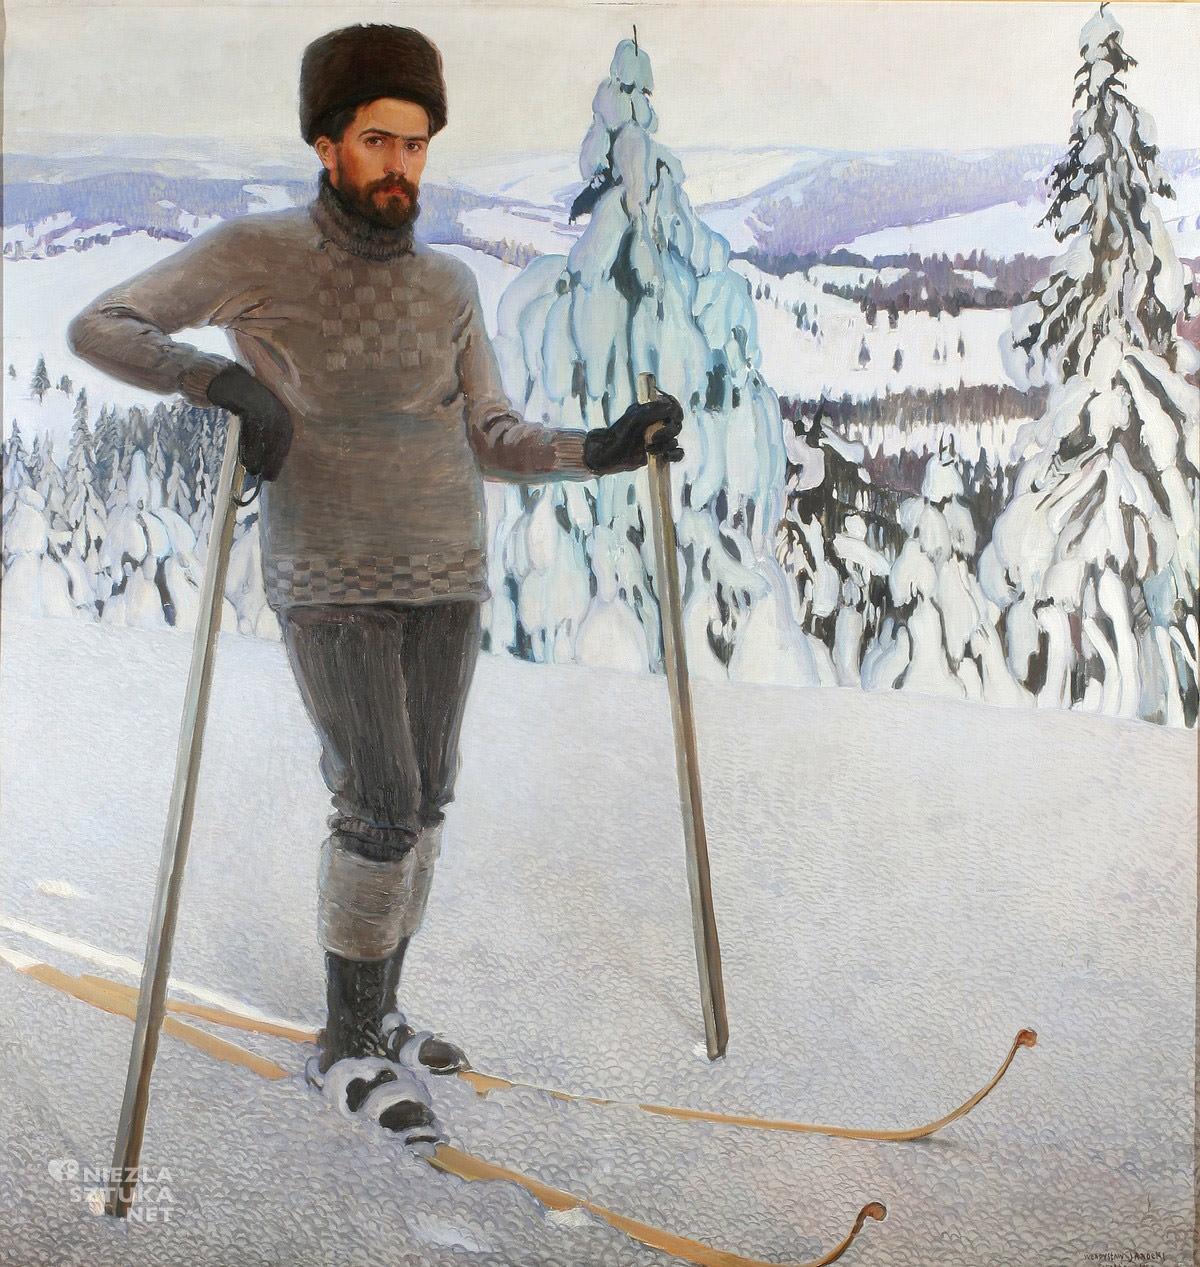 Władysław Jarocki, Autoportret na nartach, zima, góry, malarstwo polskie, sztuka polska, Niezła Sztuka